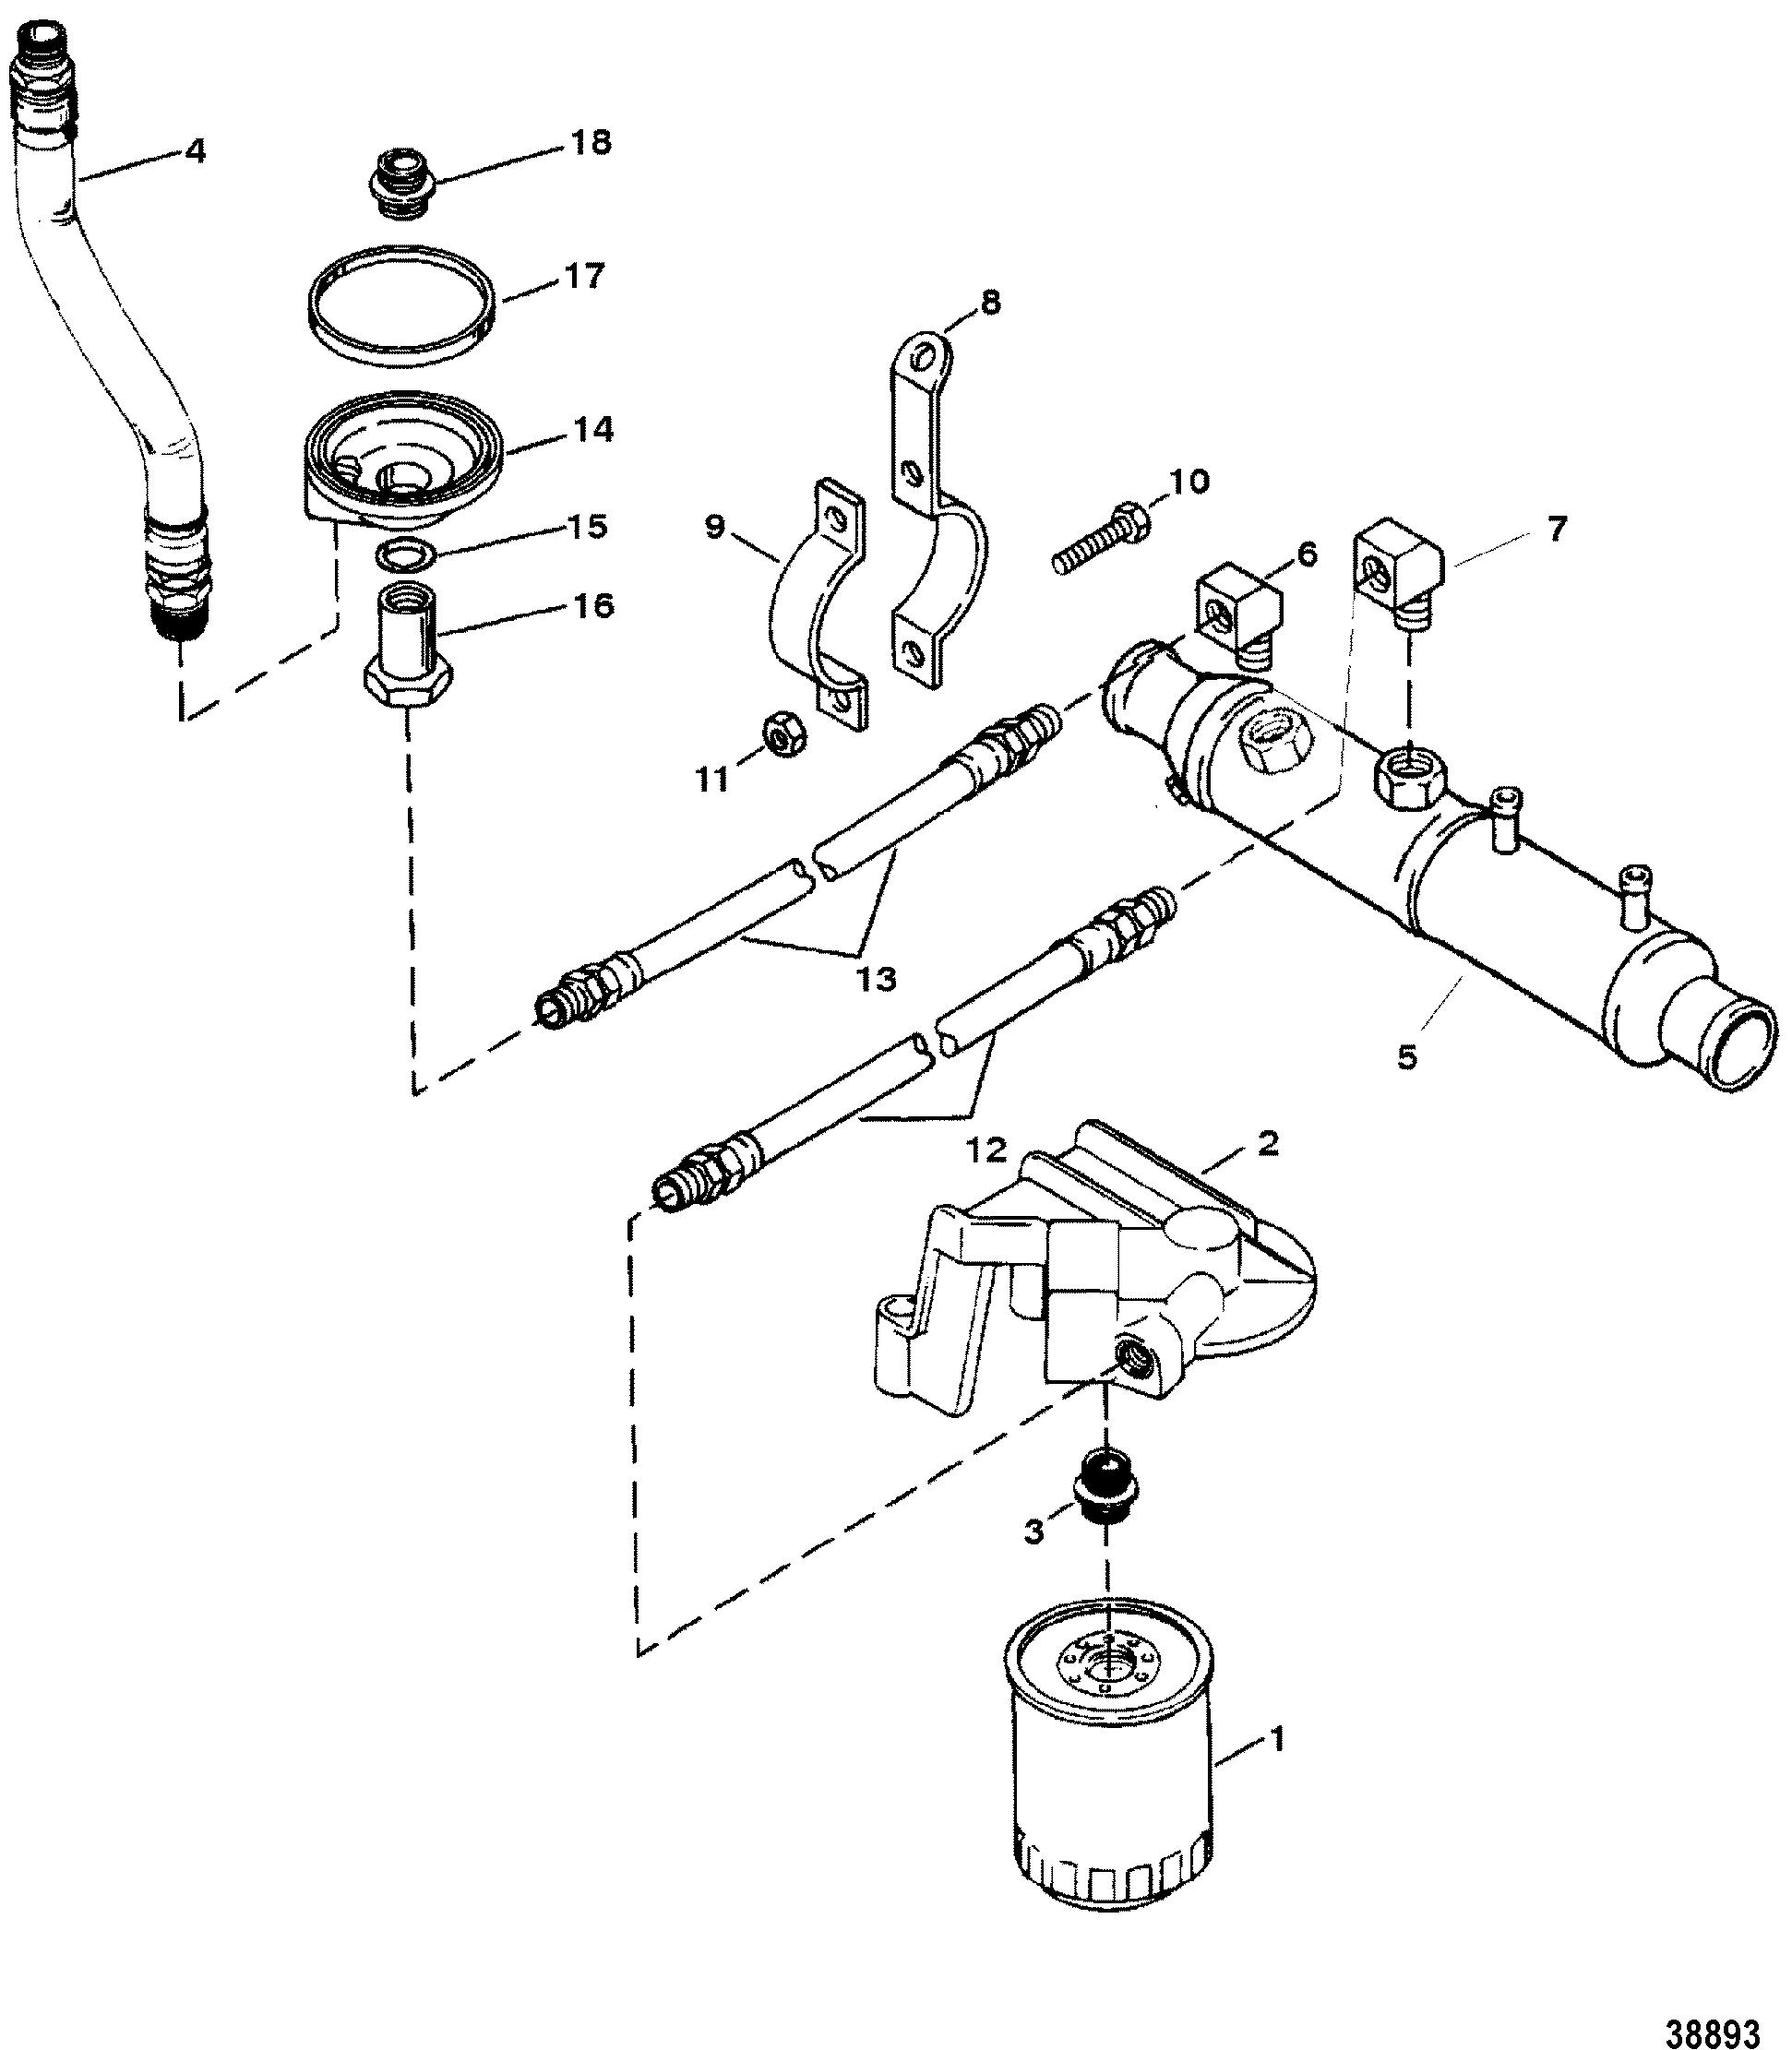 mercruiser wiring diagram 7 4 john deere 210 oil filter and adaptor 4l bravo s n 0f114759 below for